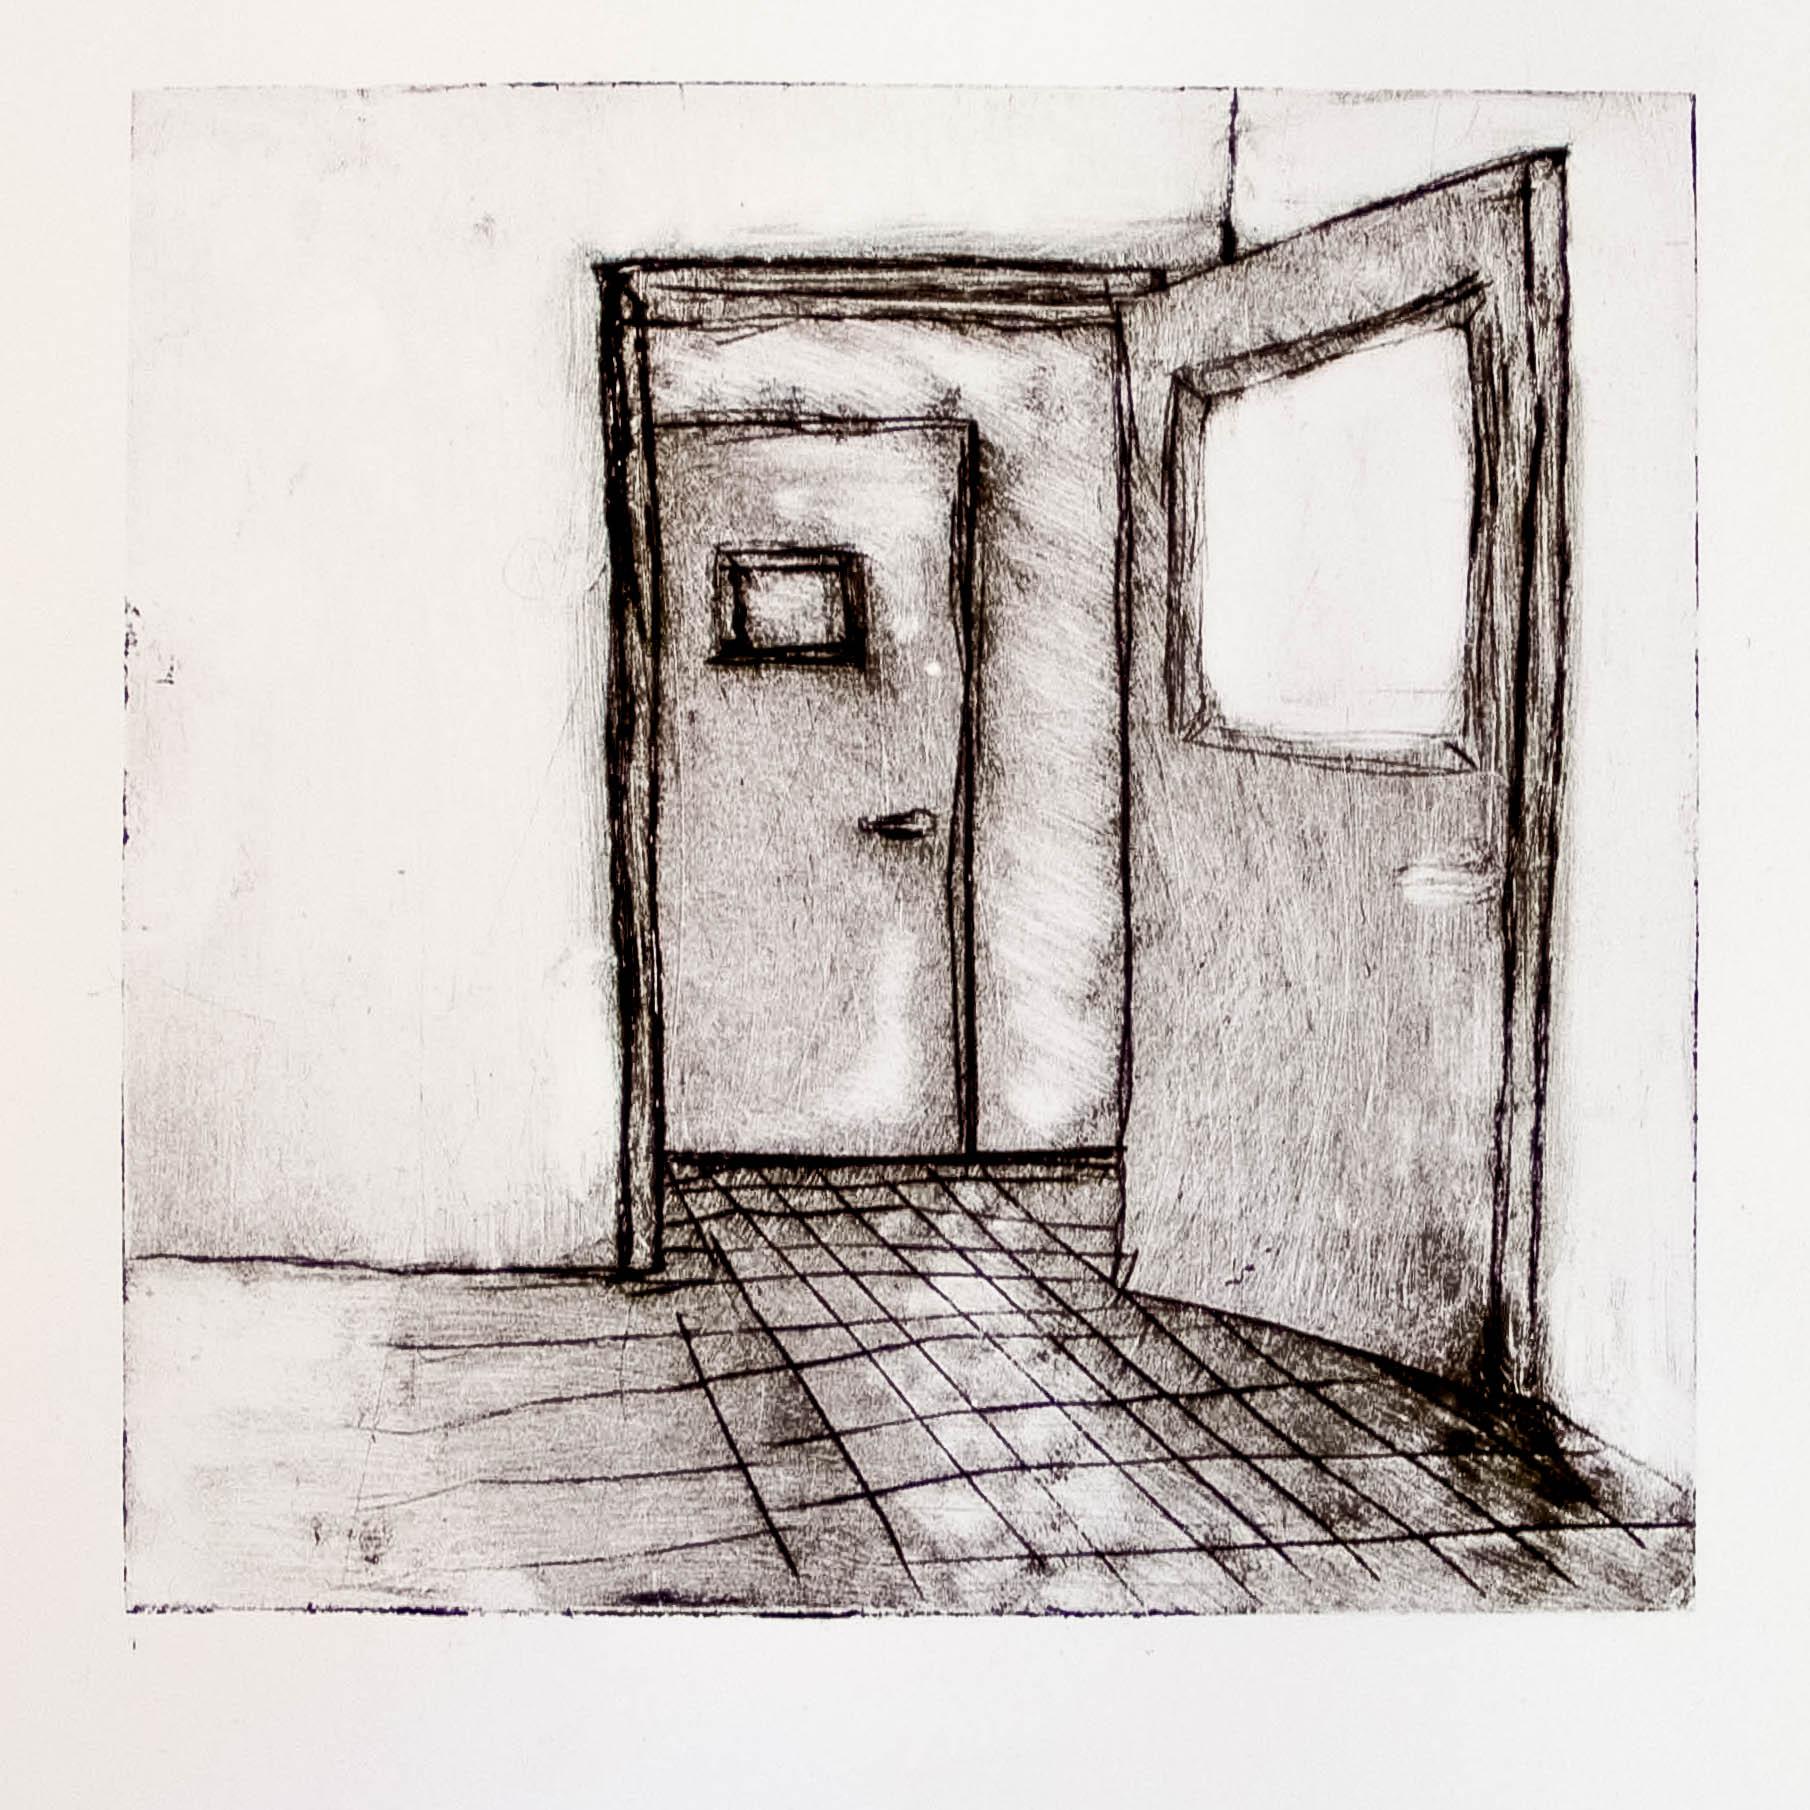 """Regina Viqueira, One open door, from """"Dismantle"""" series, 2013, intaglio print"""